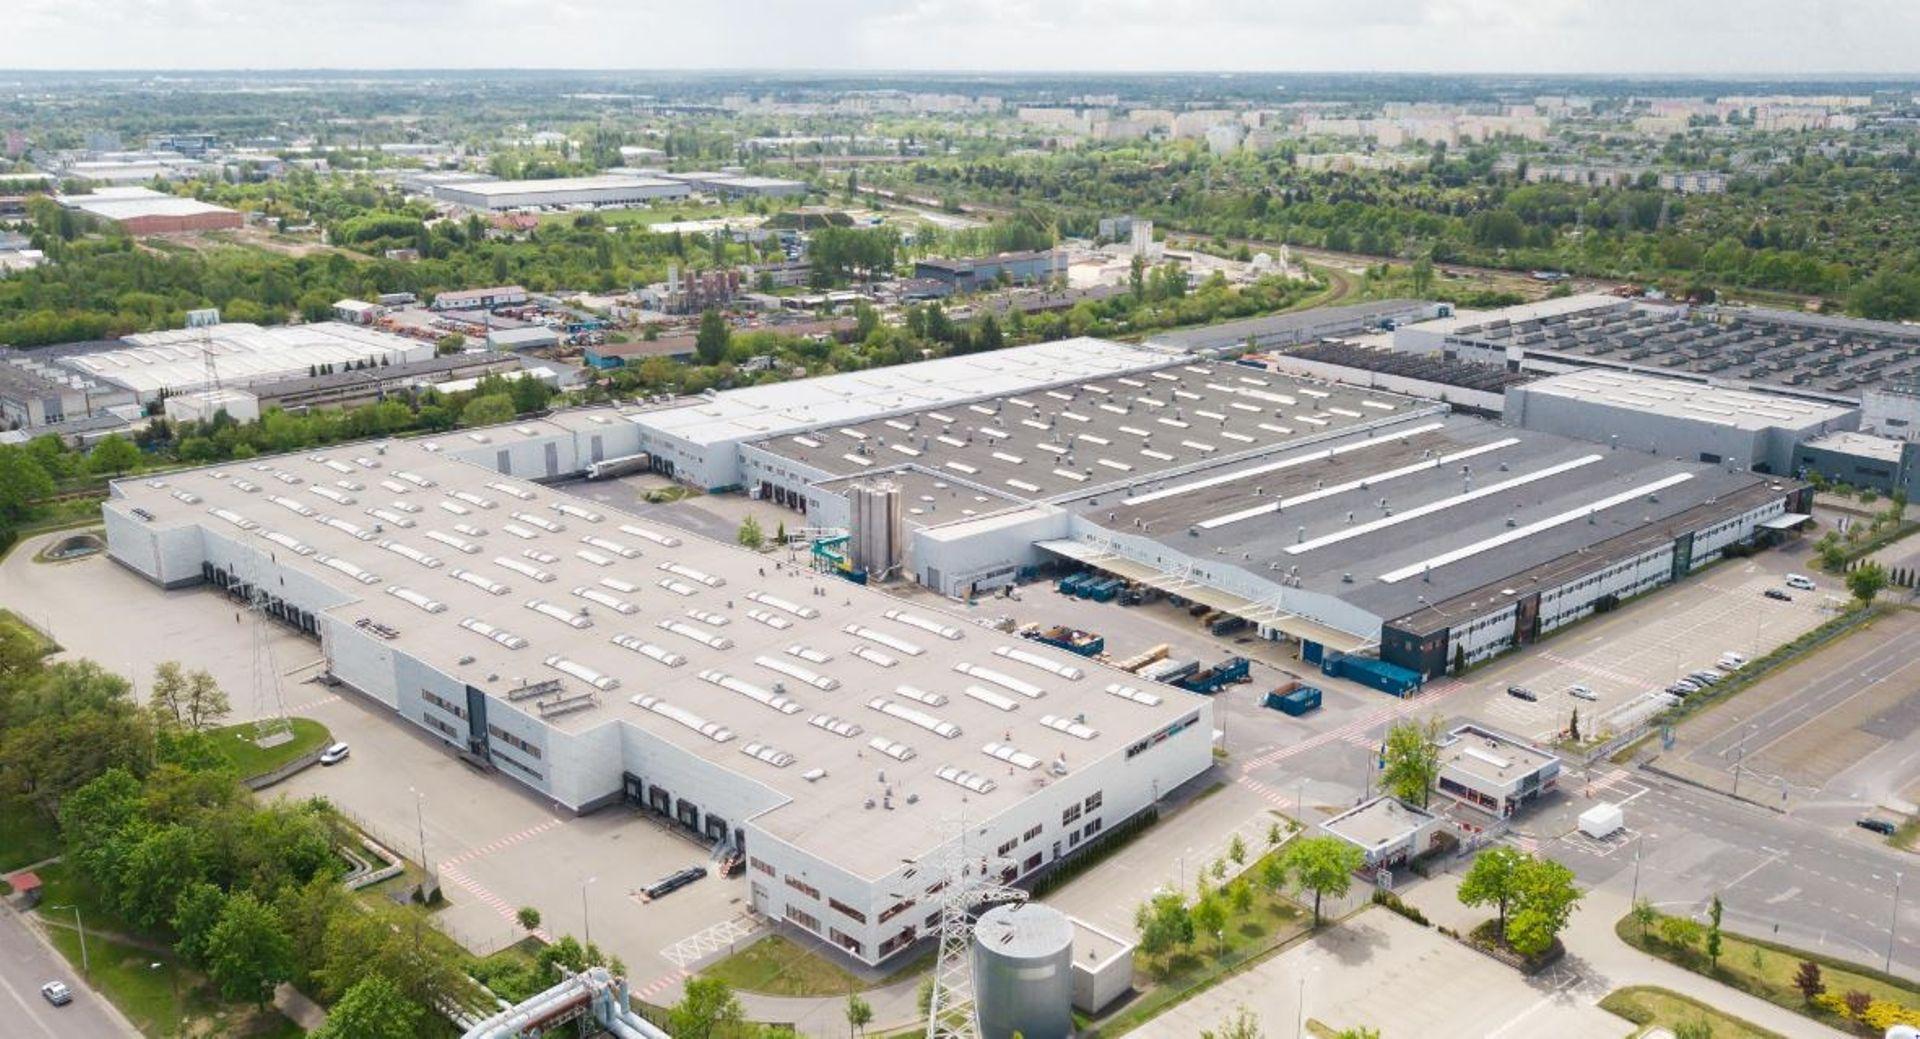 W fabryce BSH w Łodzi przybędzie kilkaset miejsc pracy